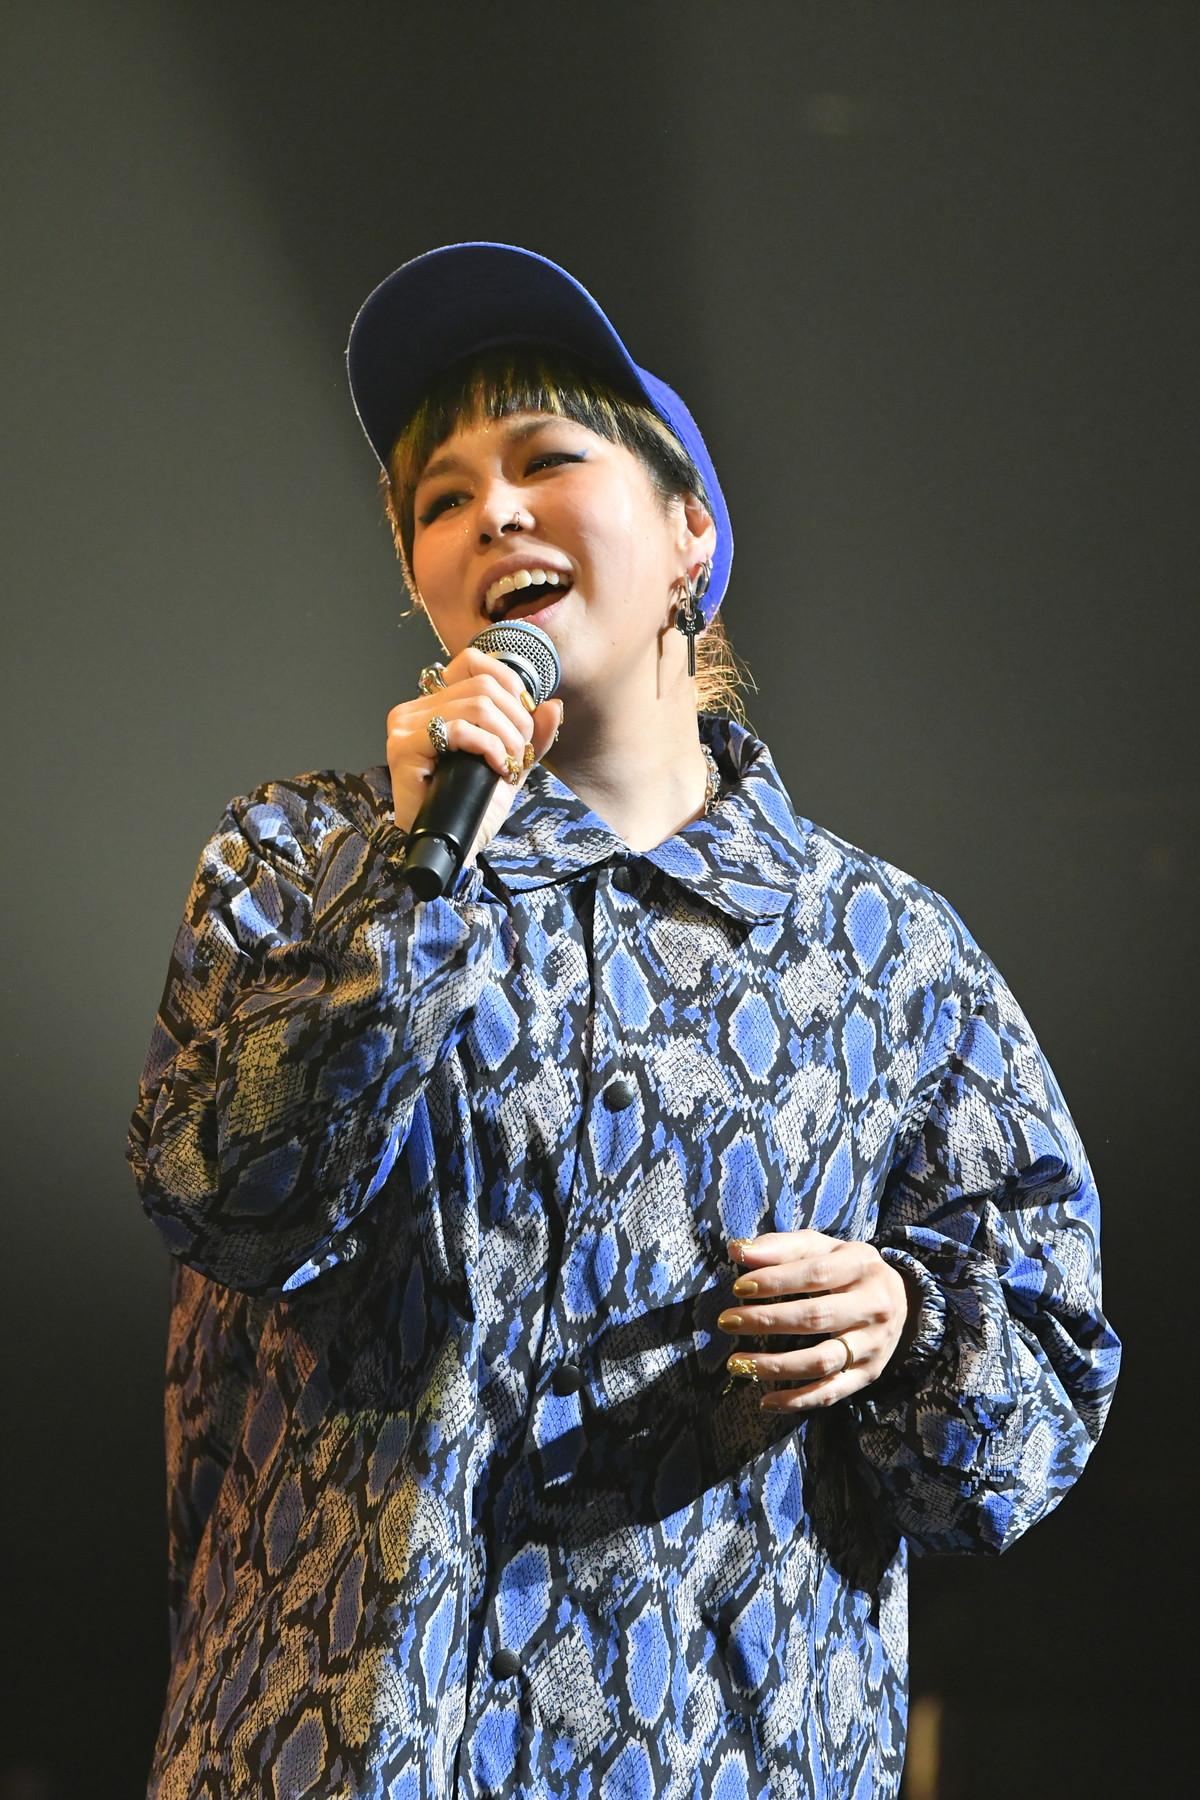 AIの歌声に涙! 圧巻のステージを披露した「LIVE FOR THE NEXT」福岡公演【ライブレポート】